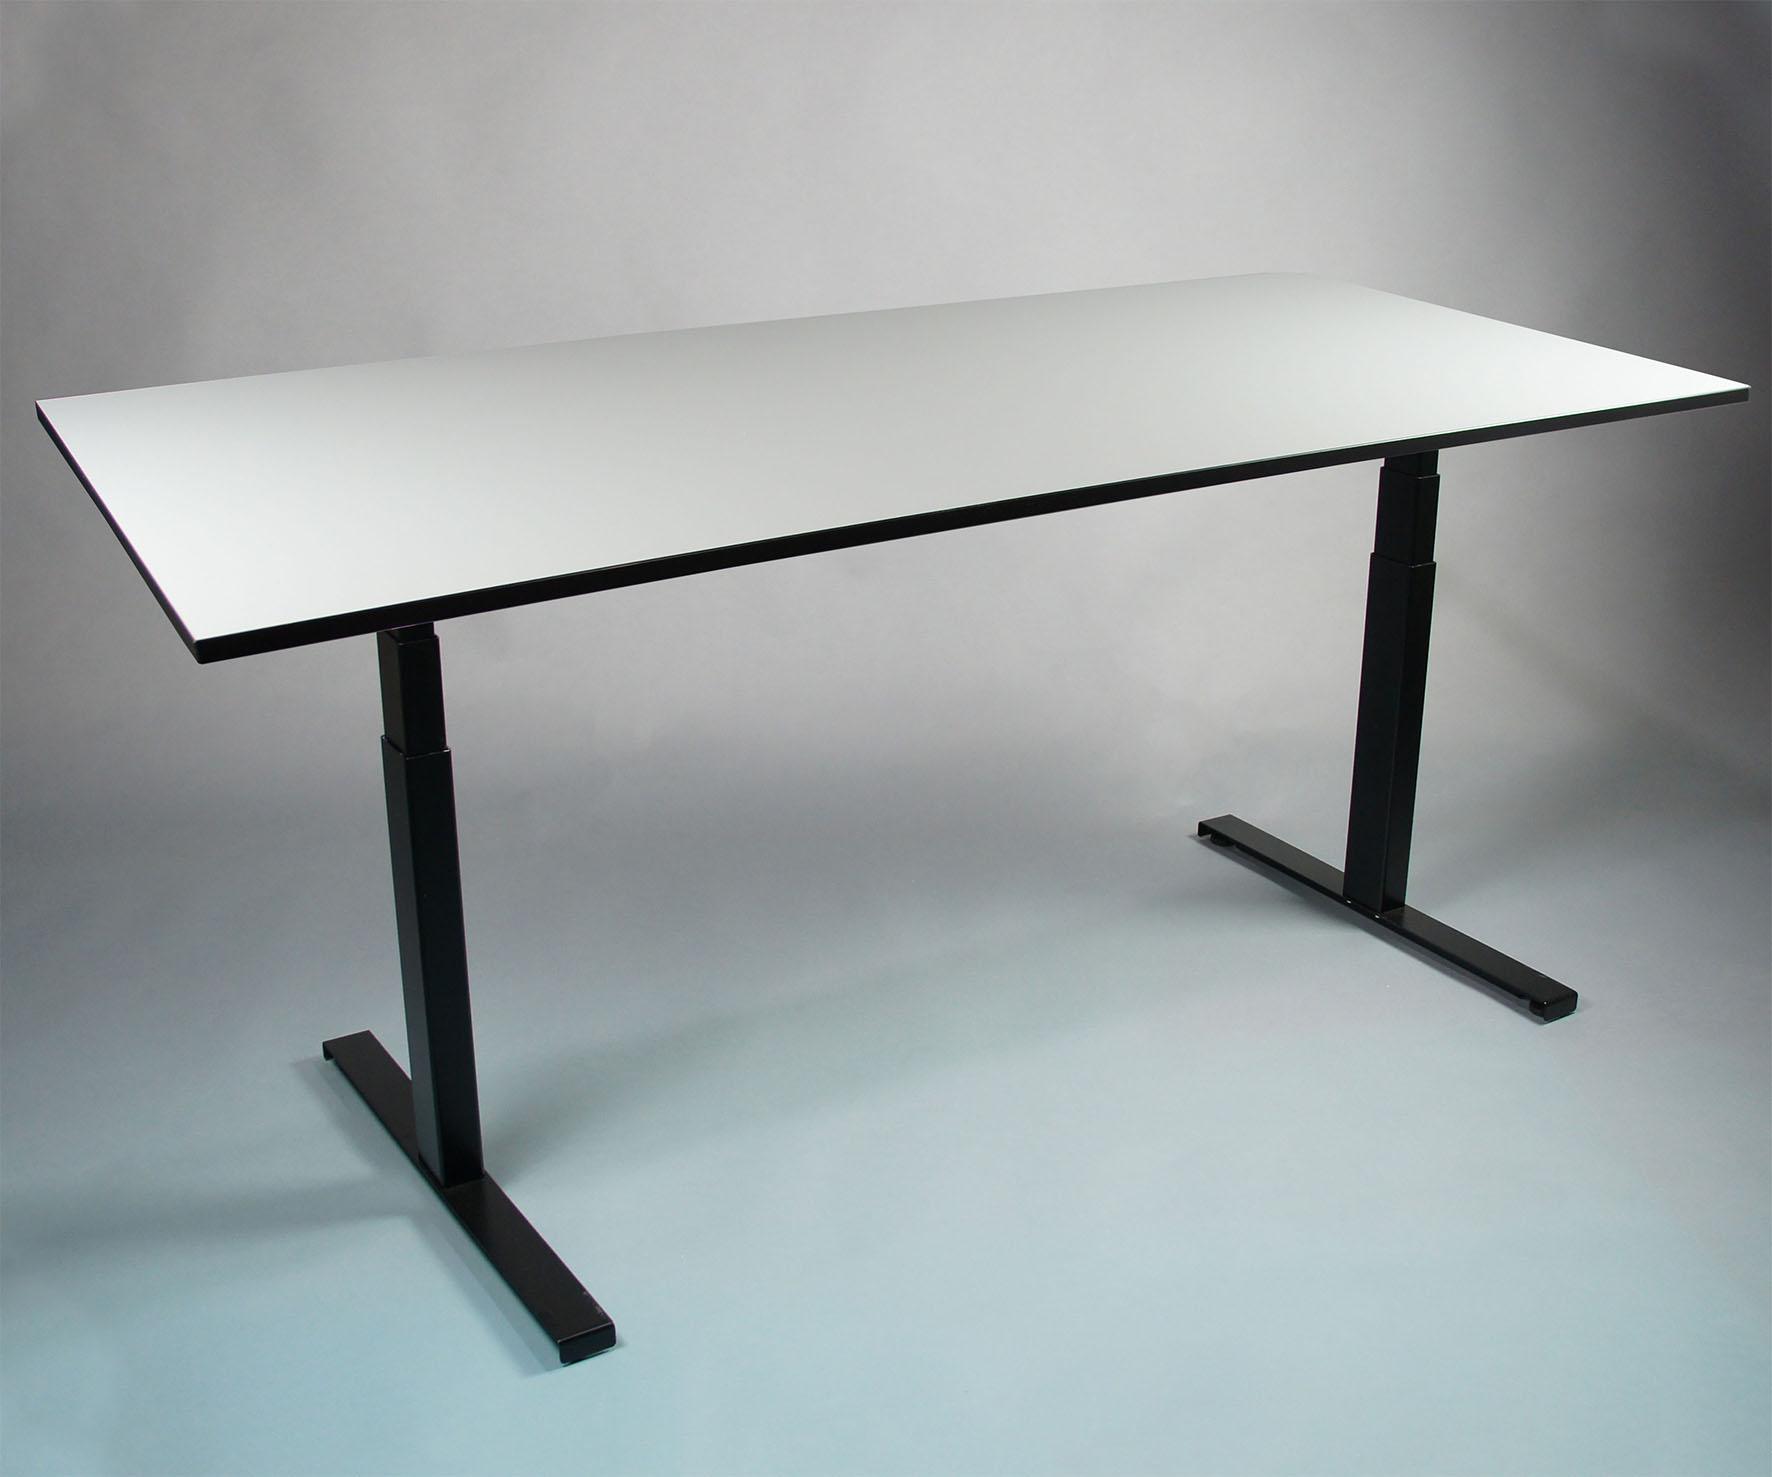 LINAK frame met tafelblad - zit sta bureau - thuiswerktafel